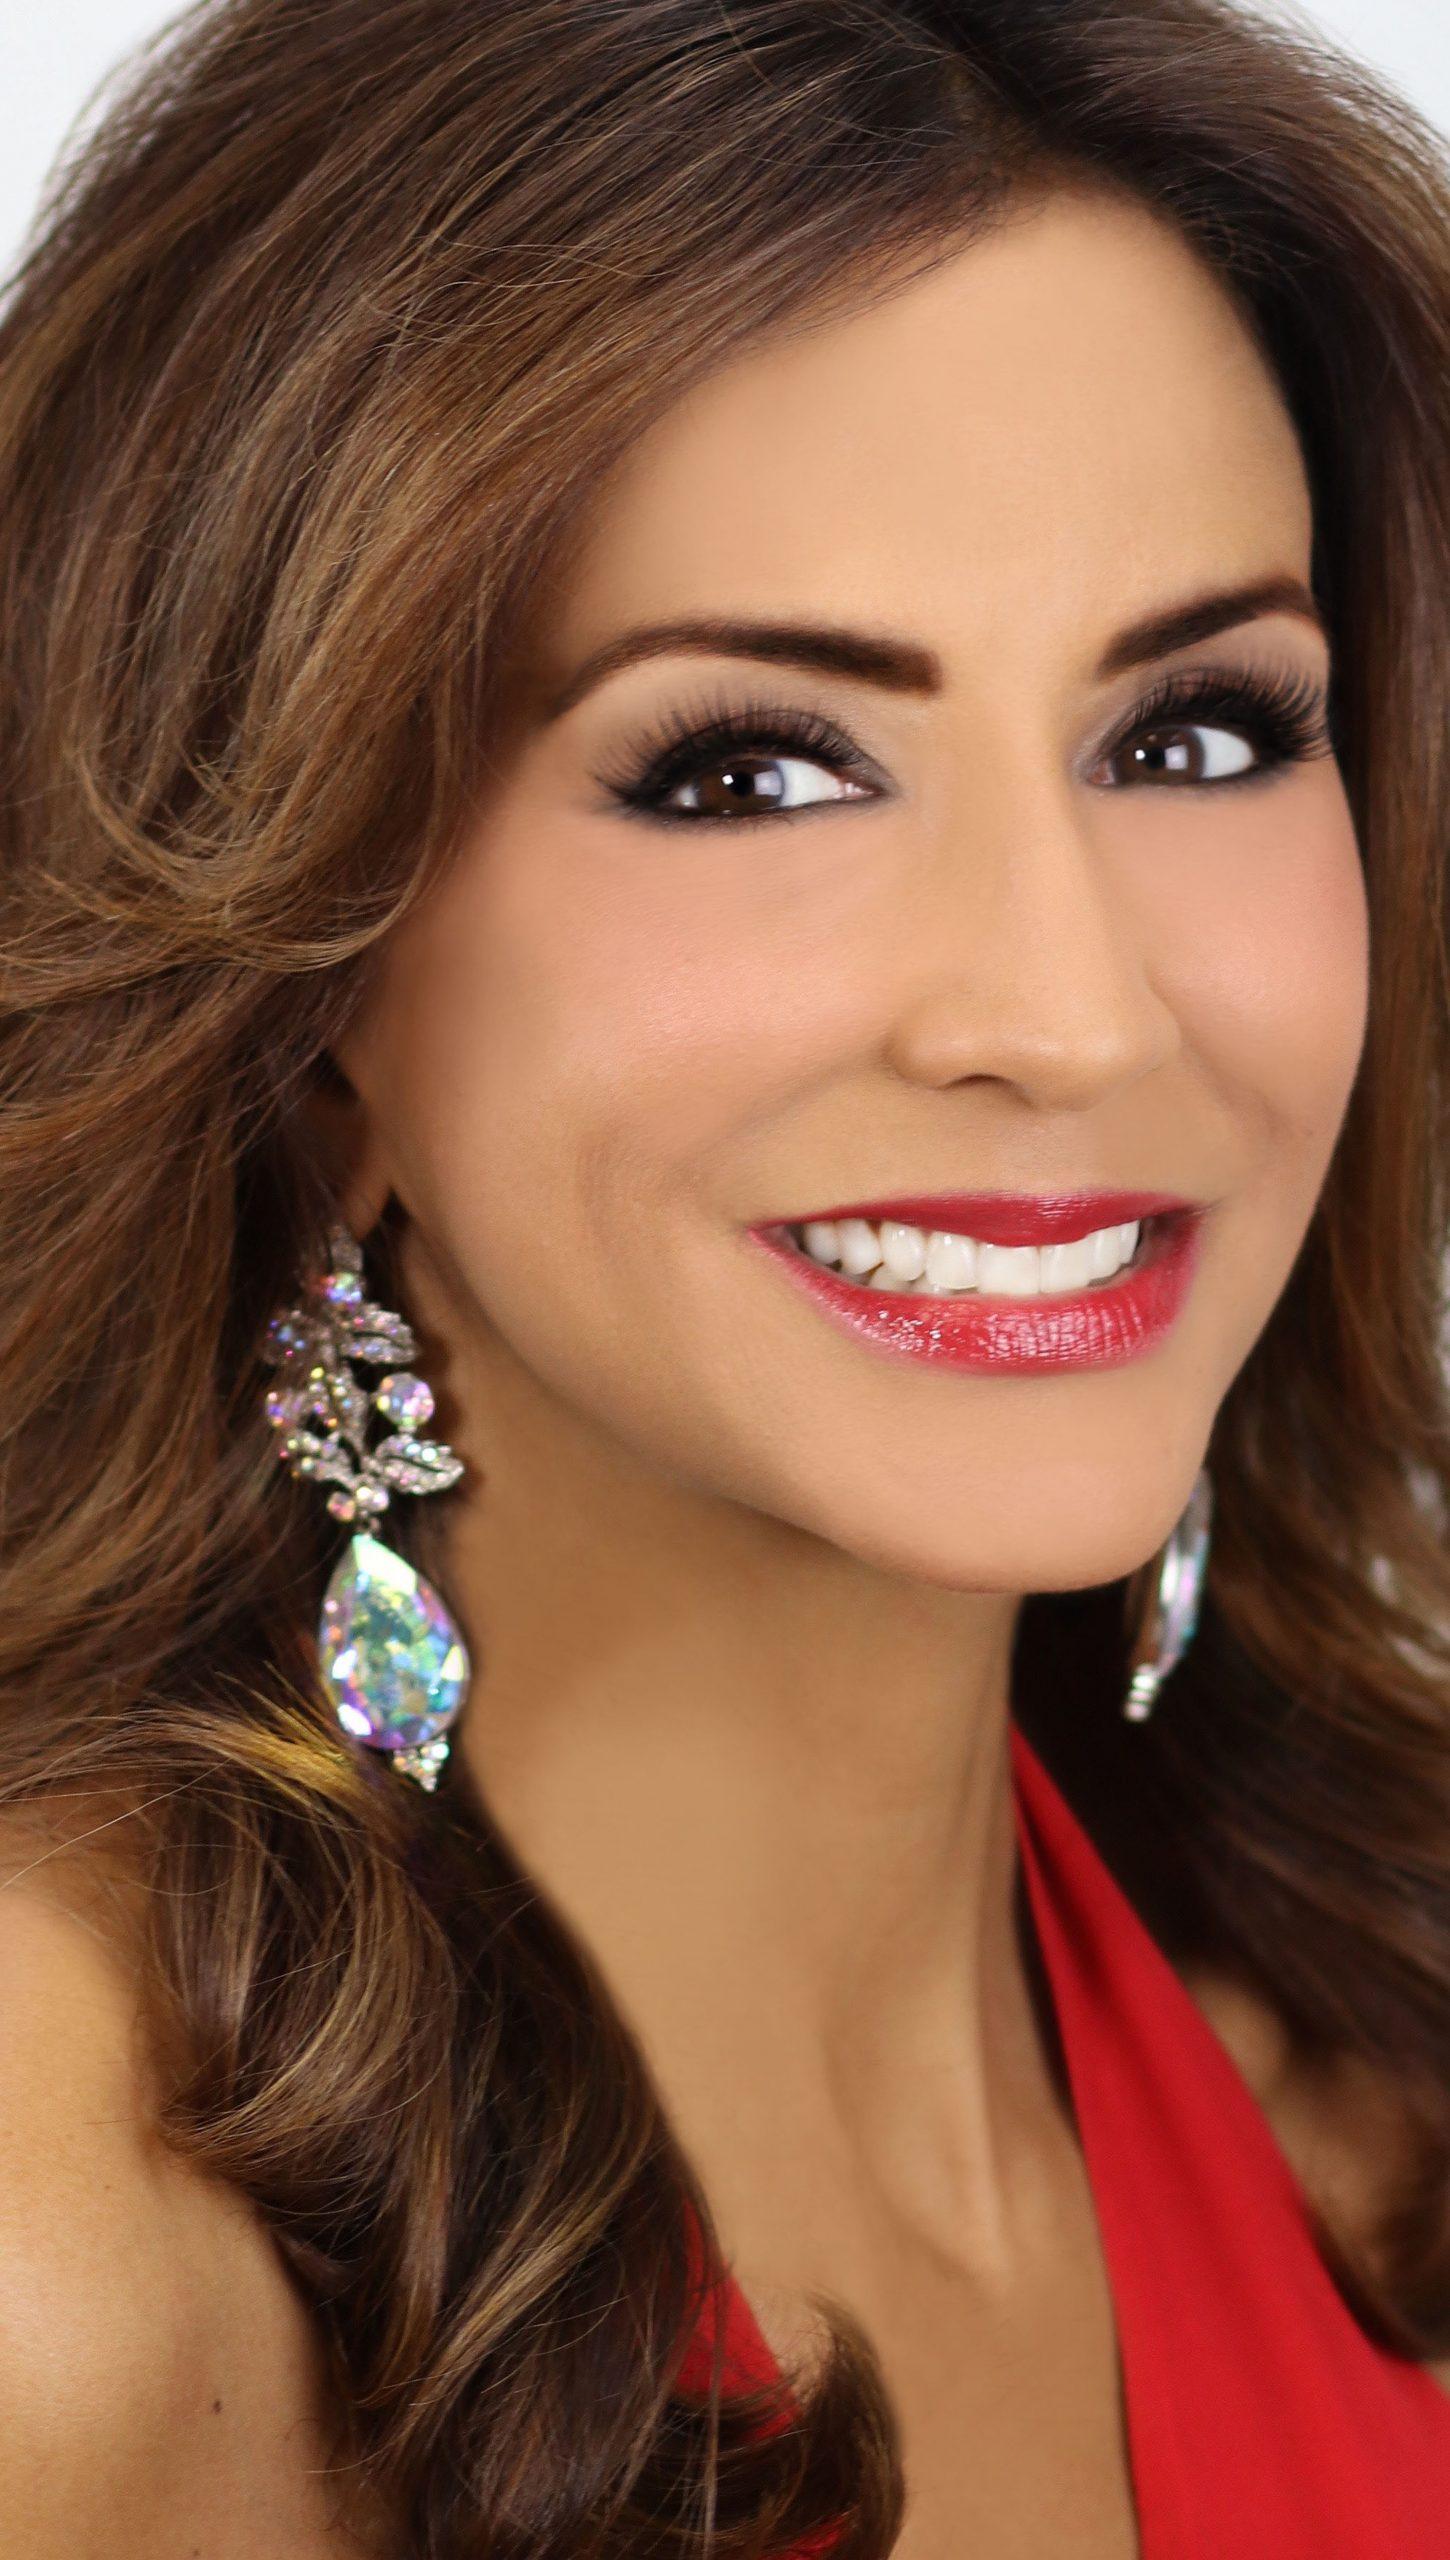 Miss Georgia America 2019 Suzette Bryan